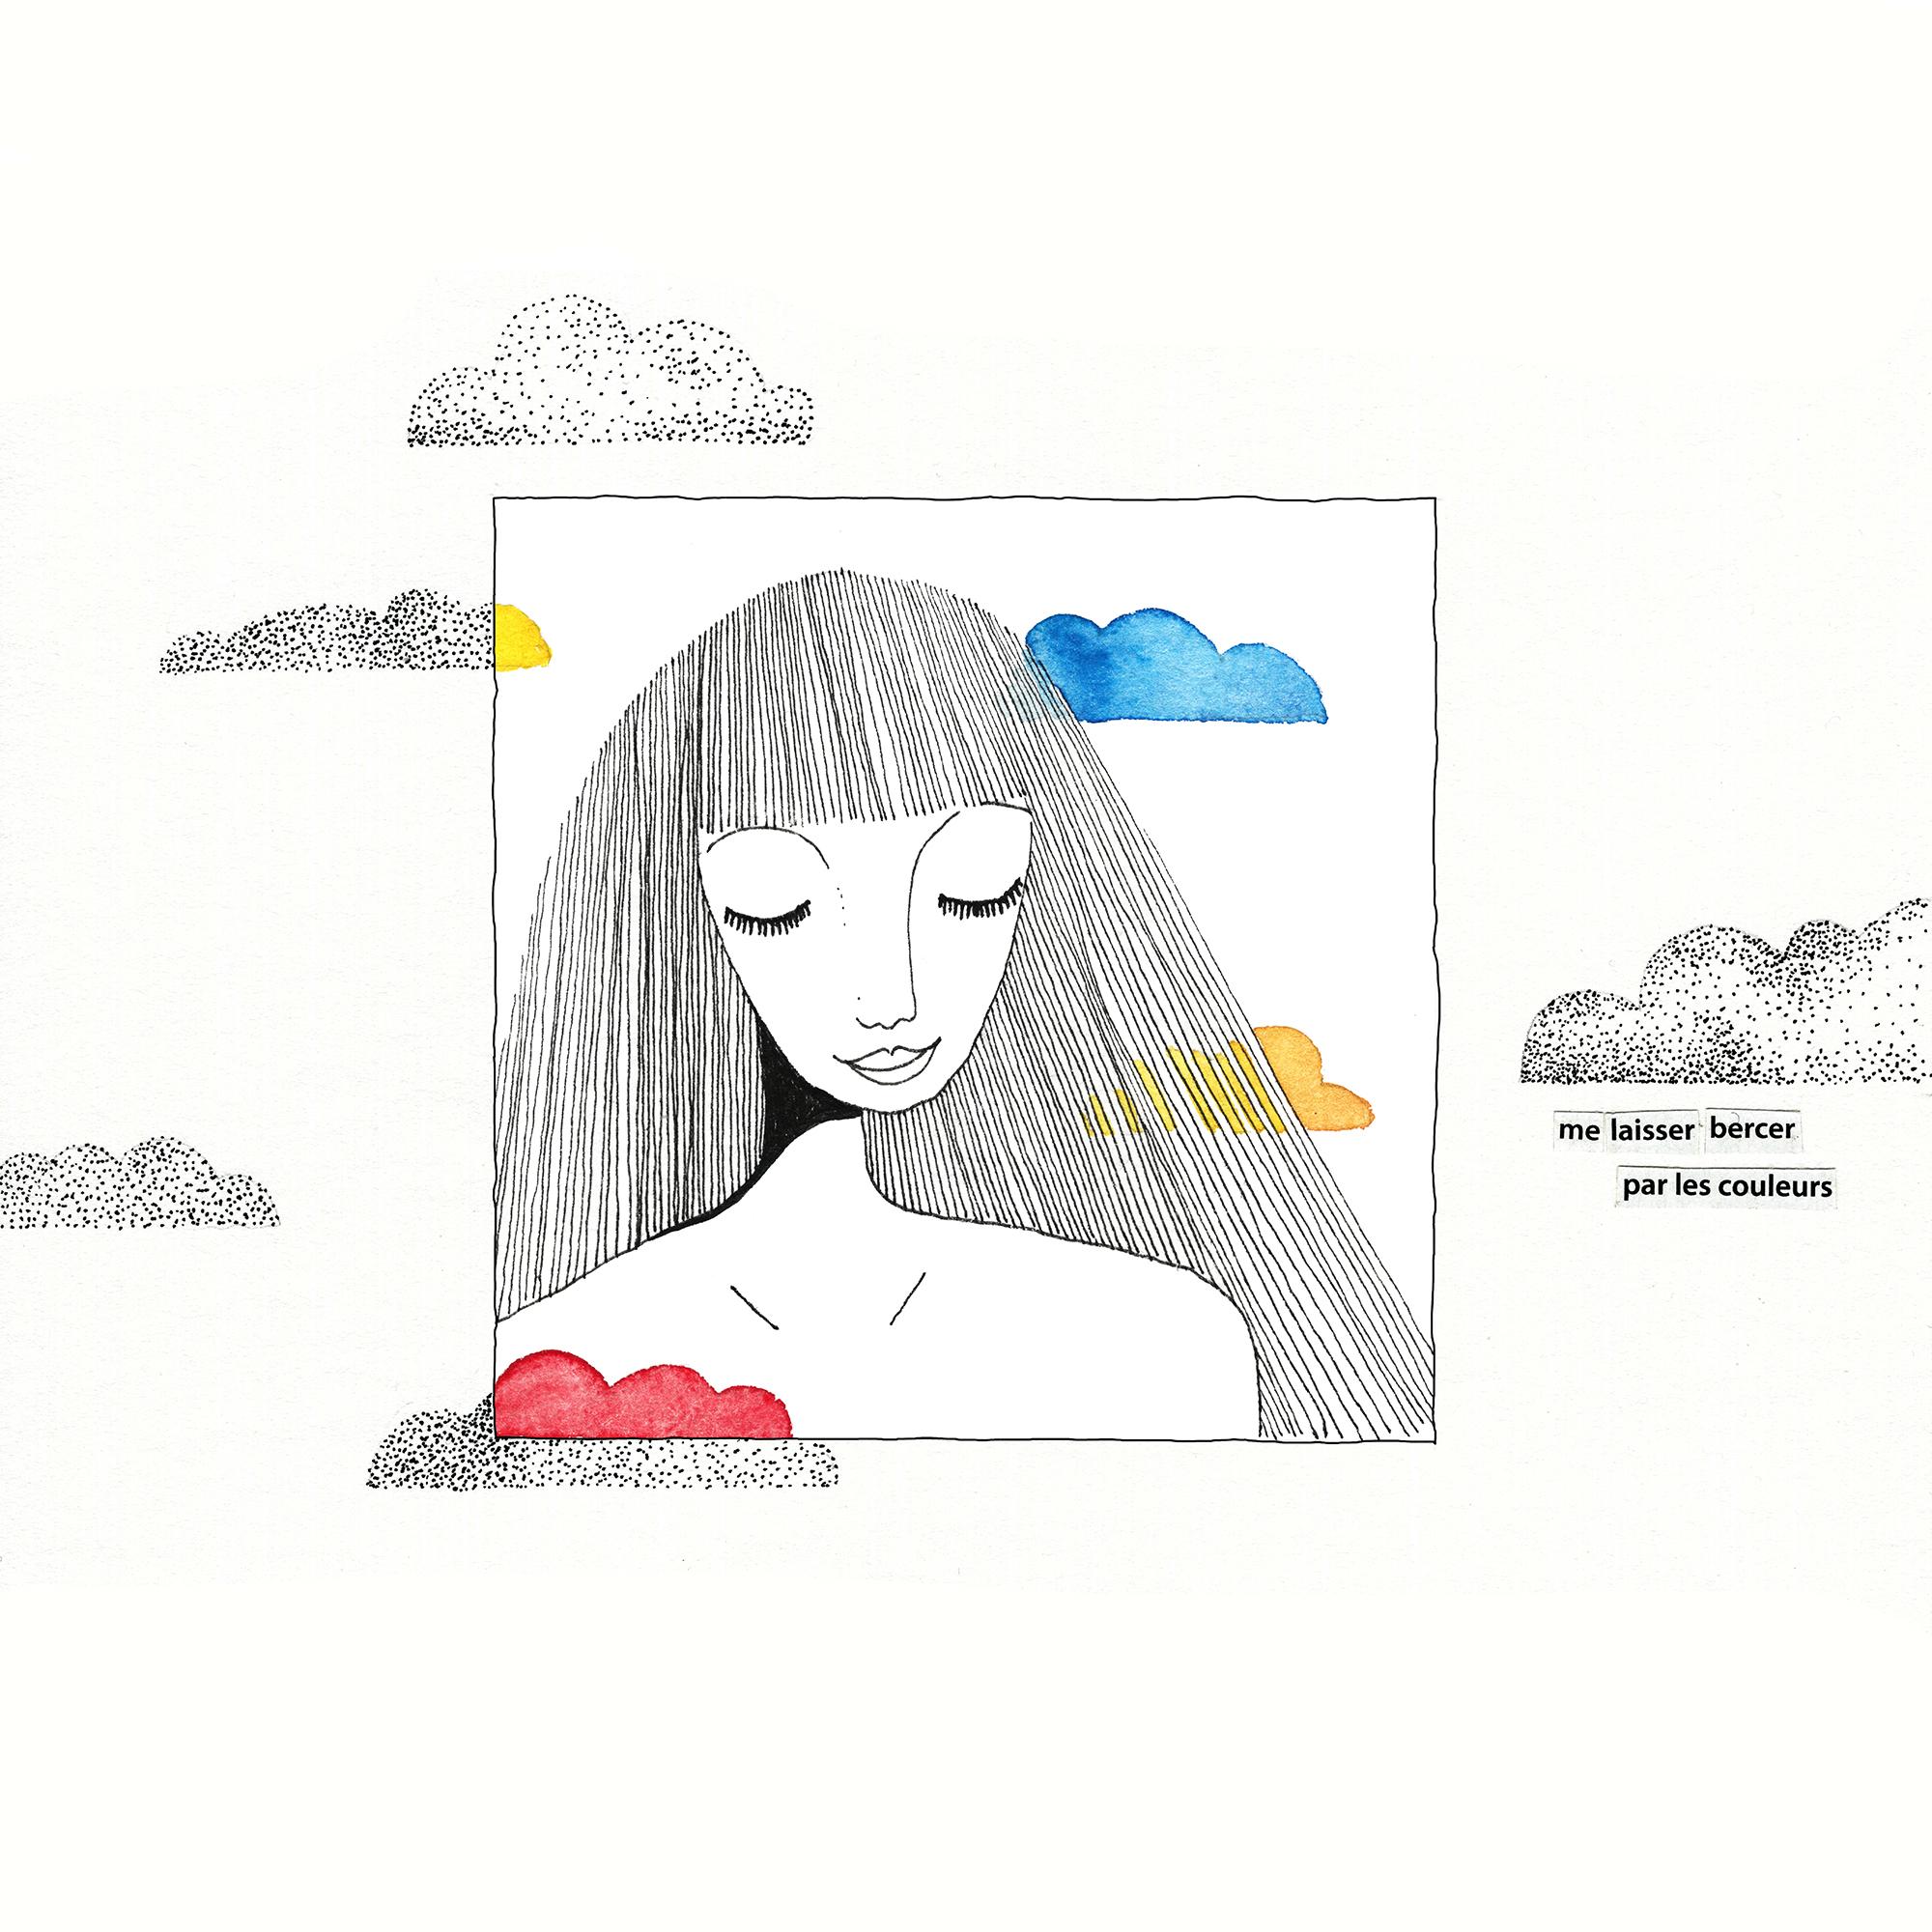 ILLUSTRATION – COULEURS